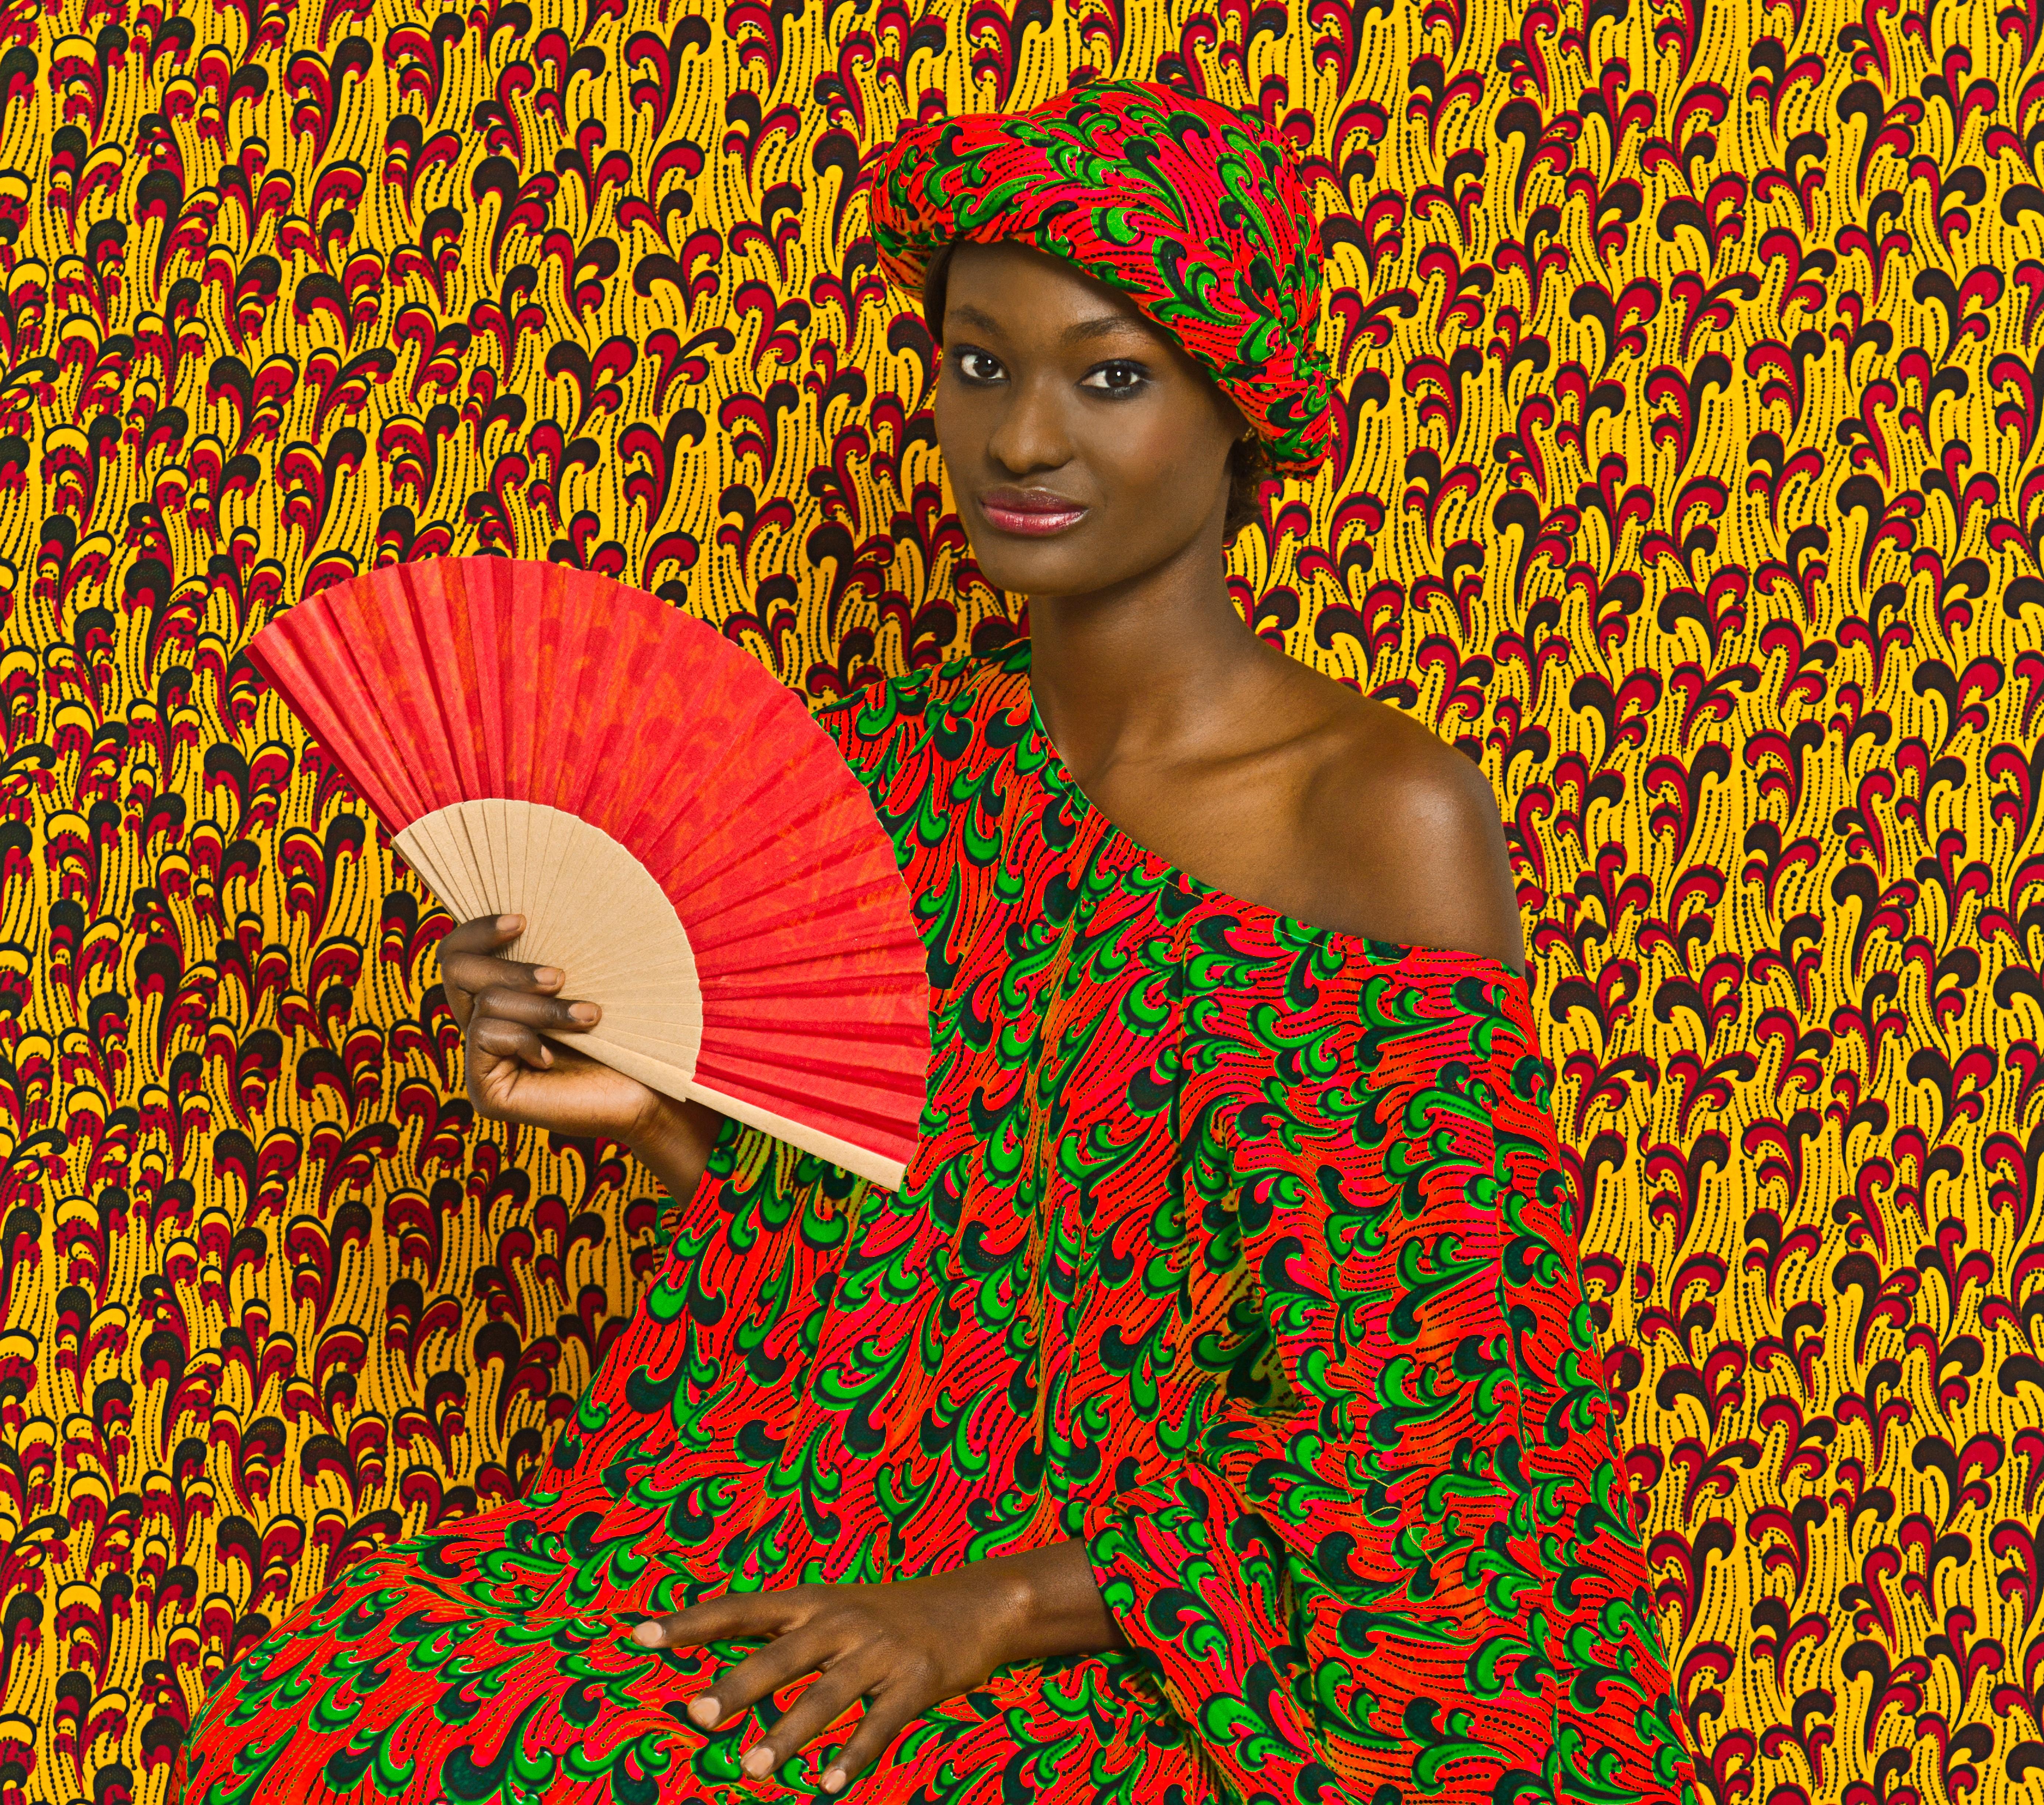 L'Eclectique State of Mind #36 Les yeux rivés vers l'Afrique